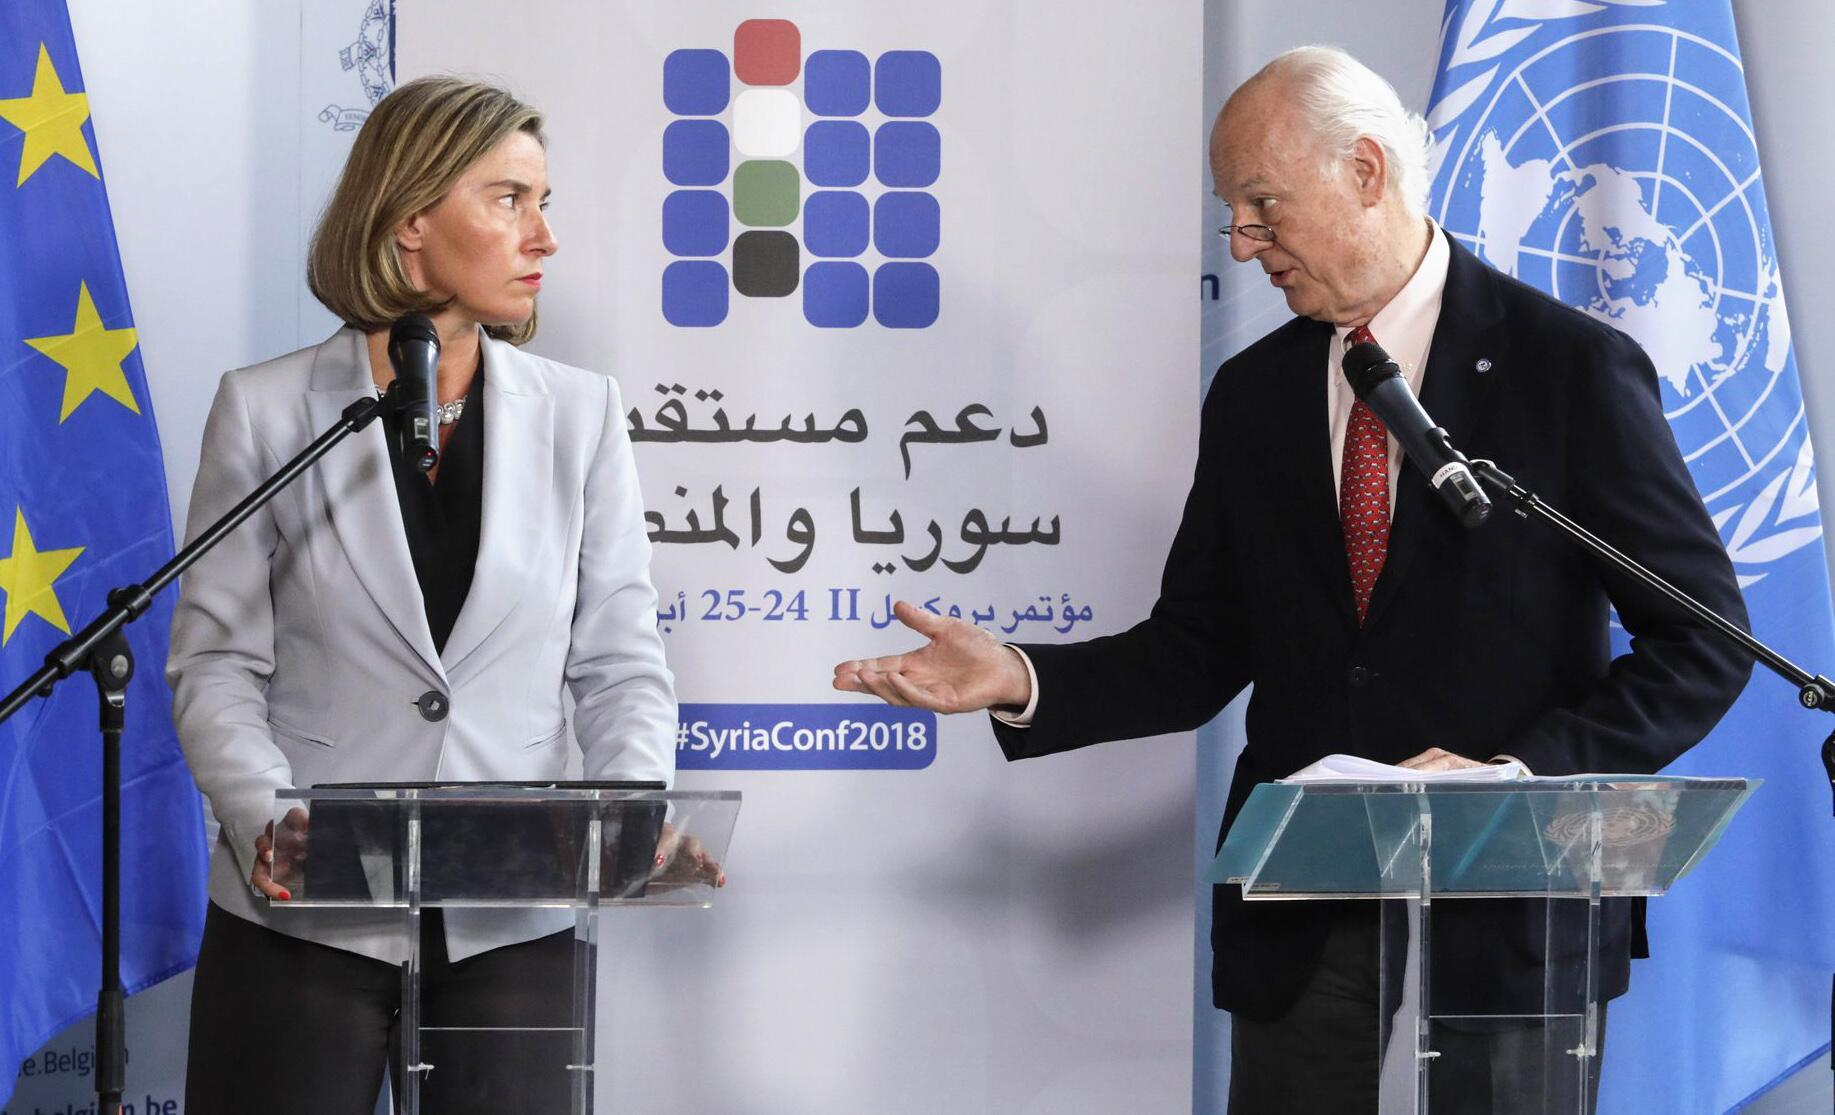 Bild zu Syrien-Konferenz in Brüssel